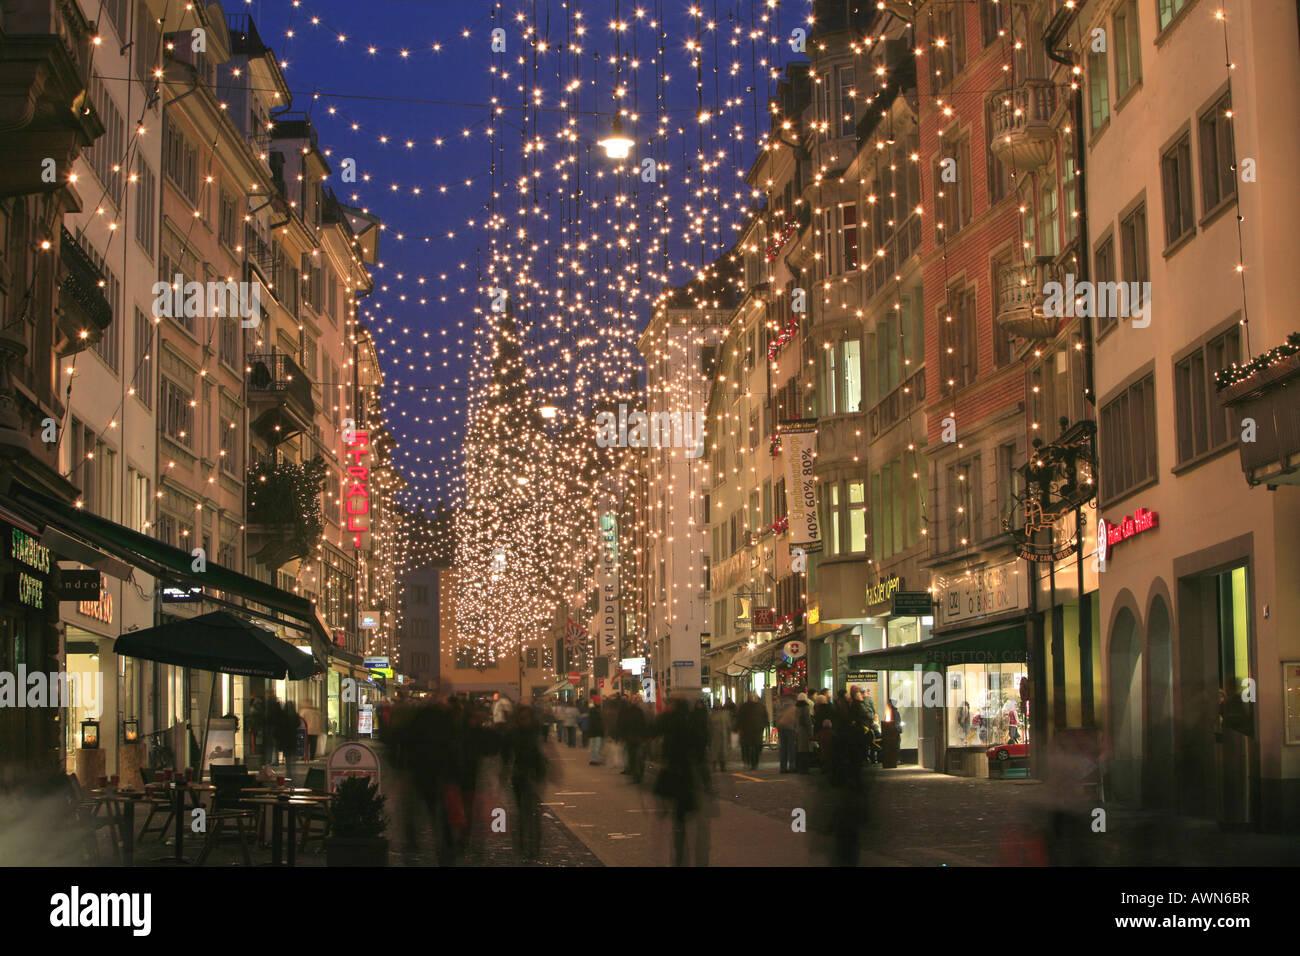 Zürich Weihnachtsbeleuchtung.Classic Christmas Illumination In The City Center Rennweg Zurich